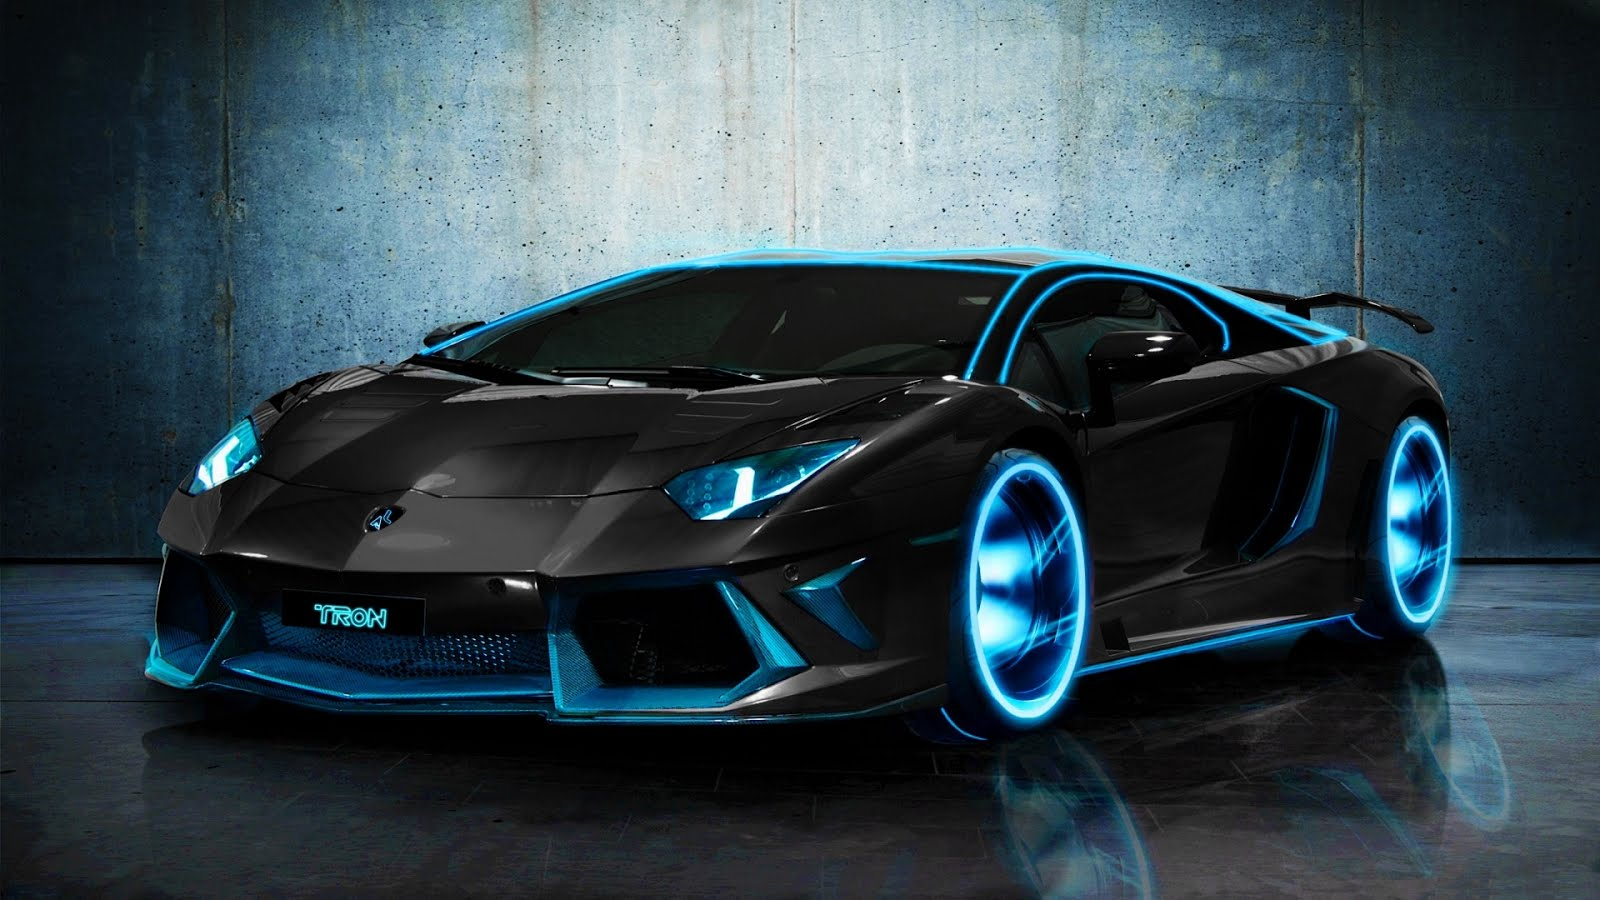 3d Wallpapers Lamborghini Wallpapers: LAMBORGHINI Desktop Wallpaper Pics